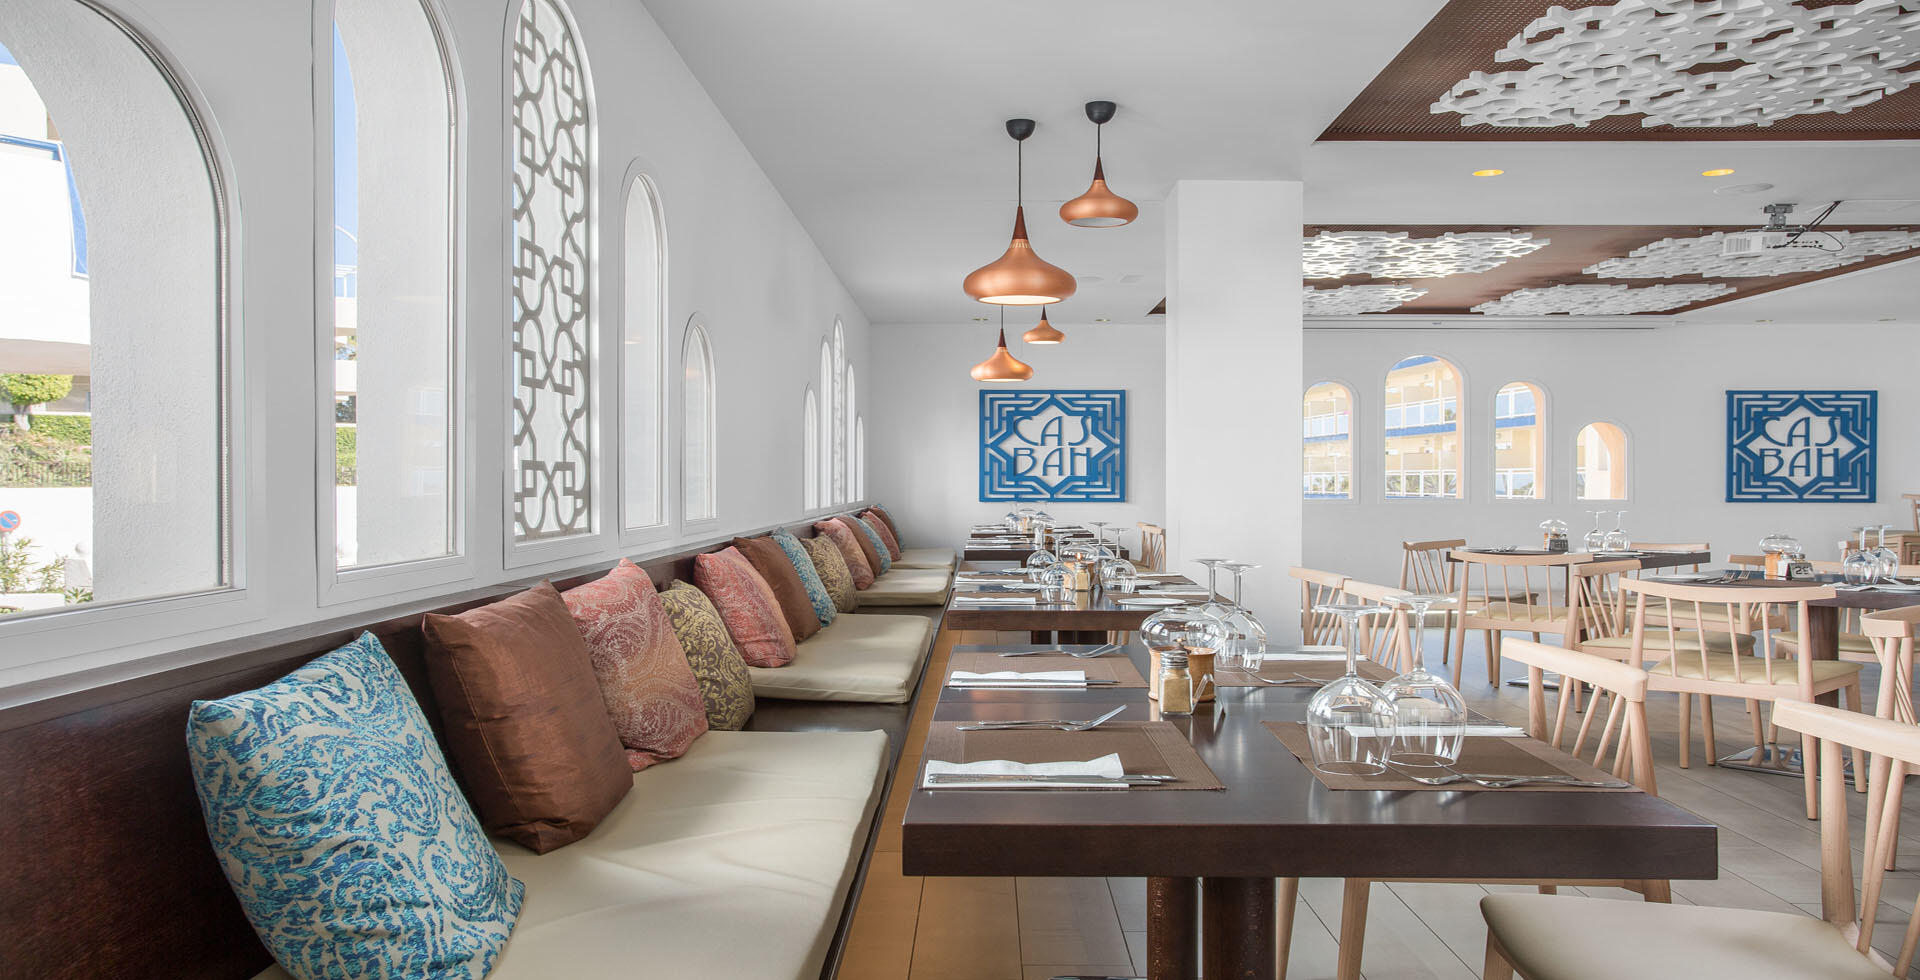 Sahara Sunset Restaurant Seating